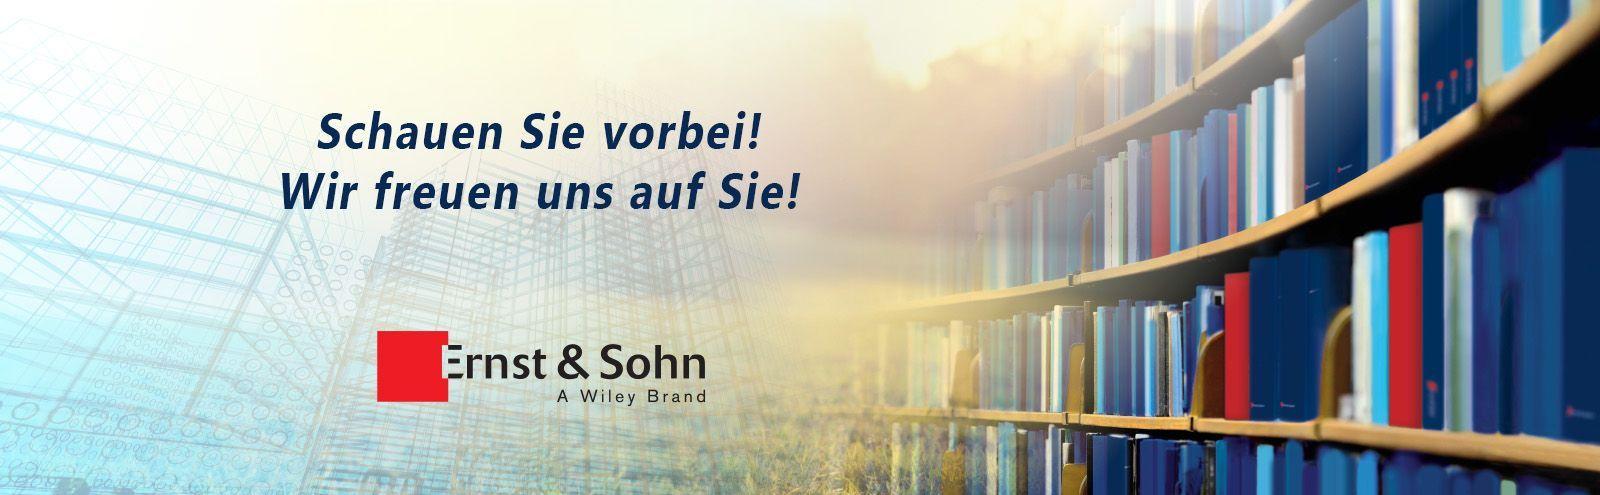 Bild_Messewand_Ernst & Sohn_Deutscher-Bautechnik-Tag 2017_DBV_Pressemitteilung